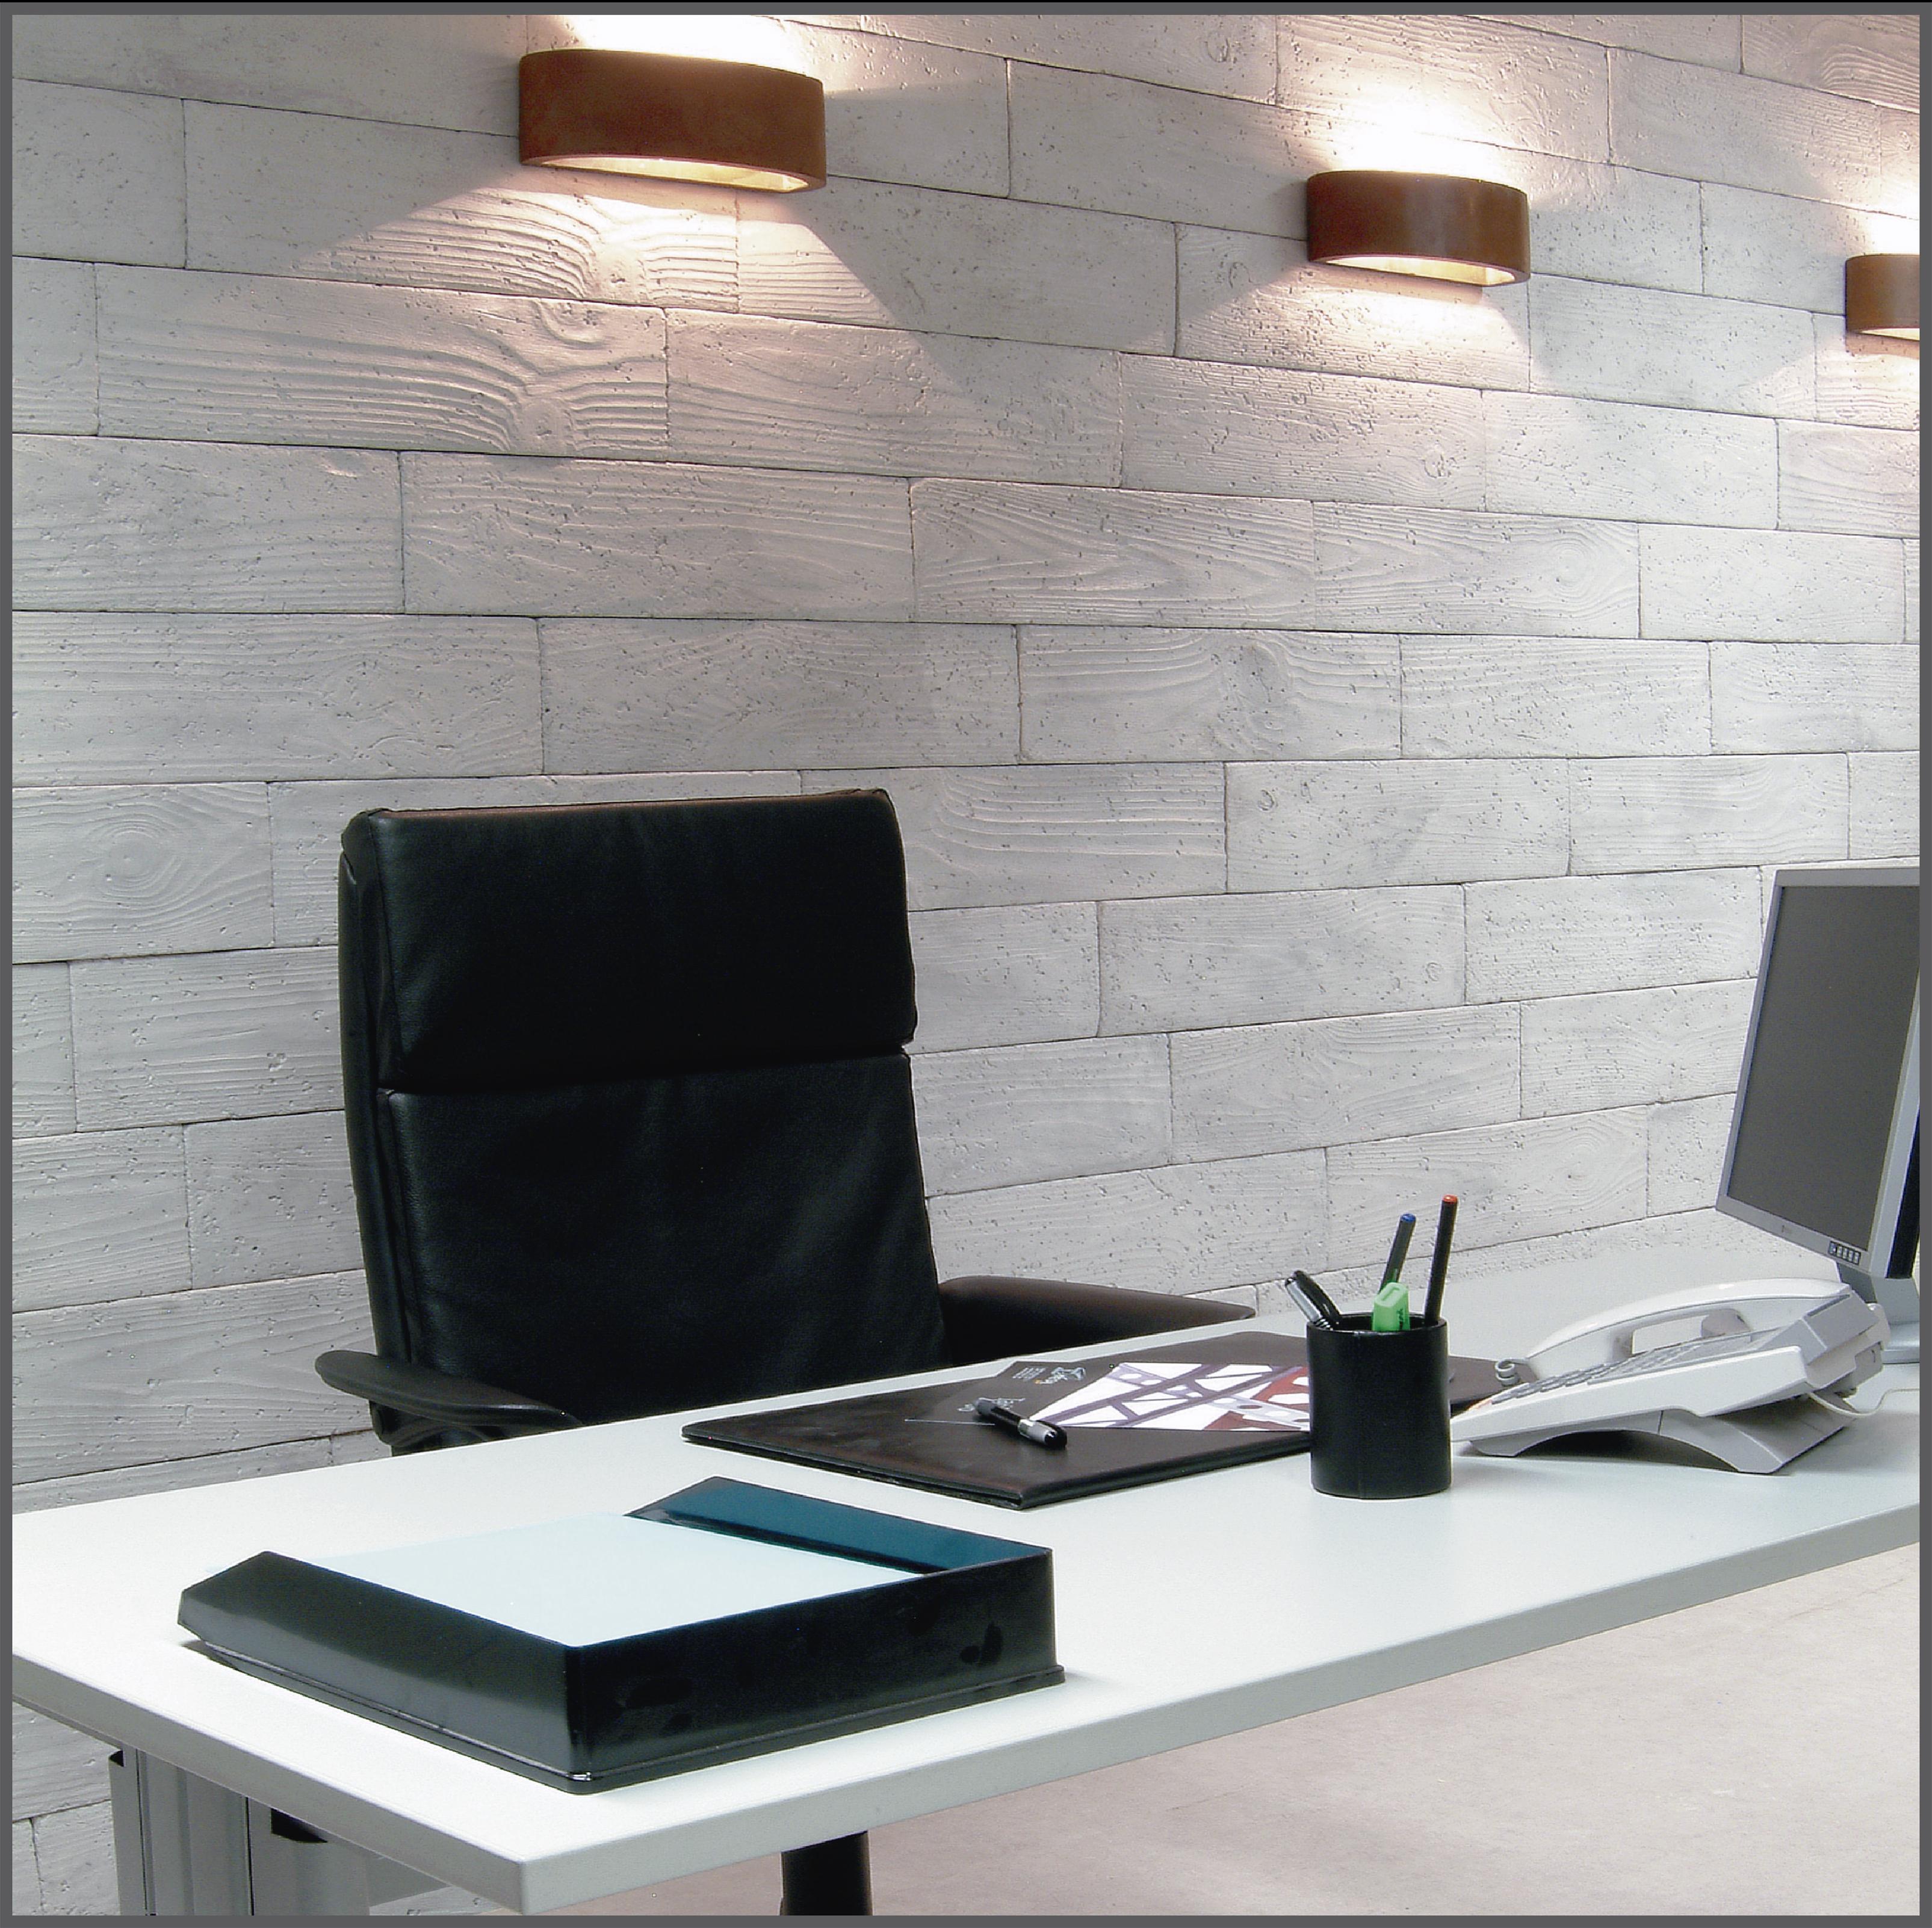 Tienda revestimientos interiores for Revestimiento de ladrillo decorativo